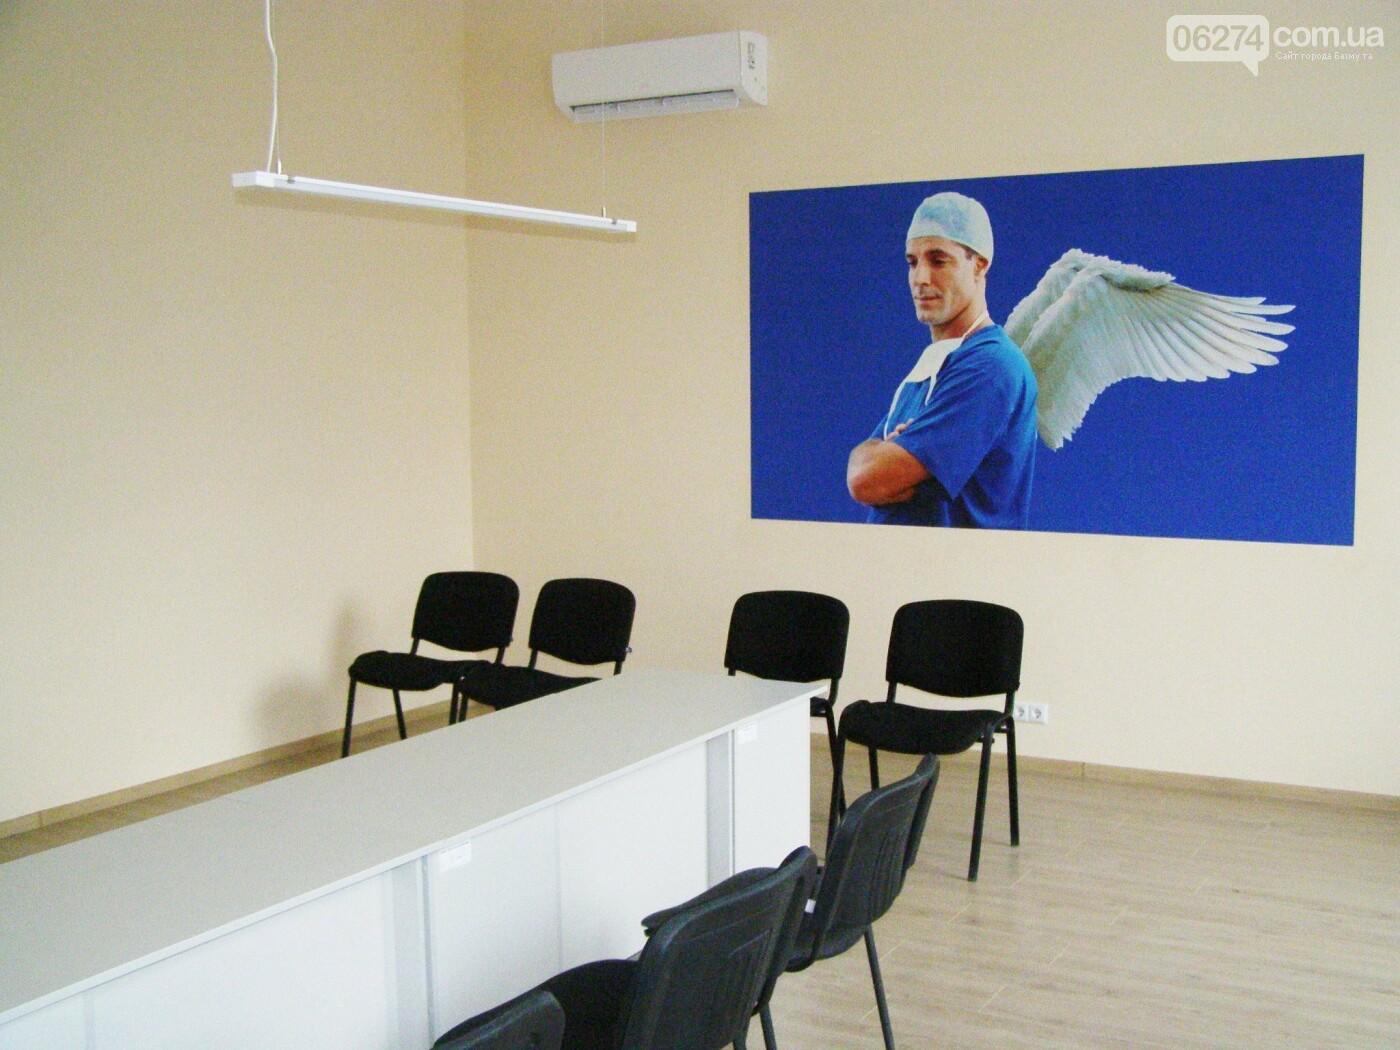 Во врачебно-физкультурном диспансере в Бахмуте завершена реконструкция главного корпуса и общежития, фото-5